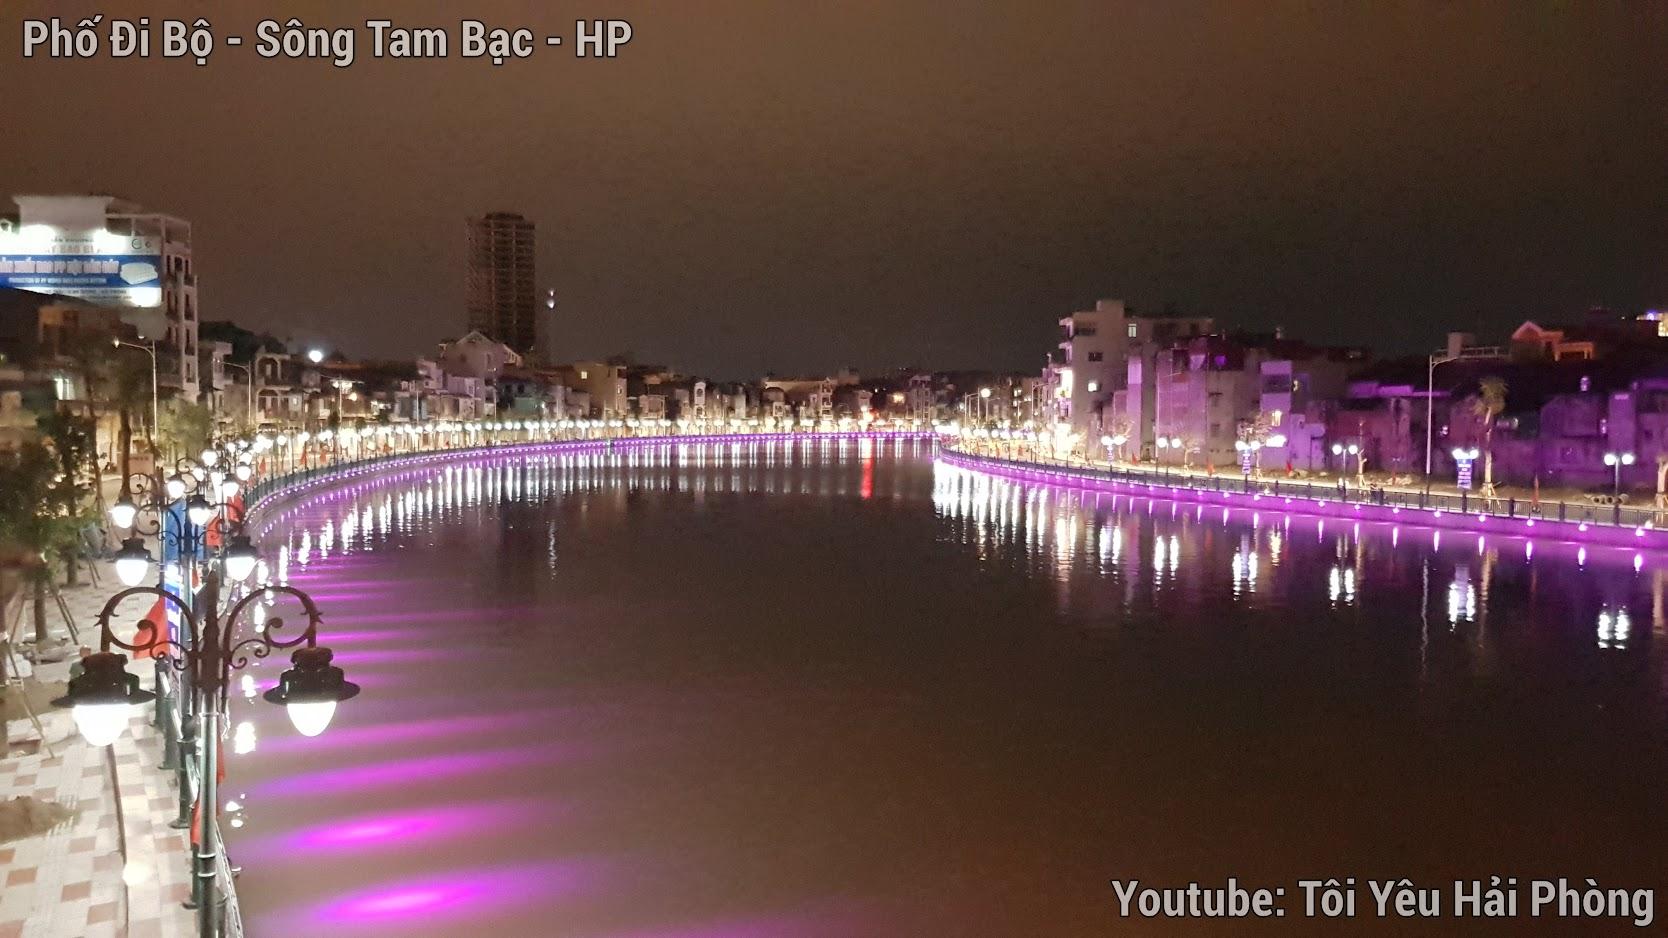 Buổi tối ở Phố Đi Bộ bên sông Tam Bạc ở Hải Phòng 7